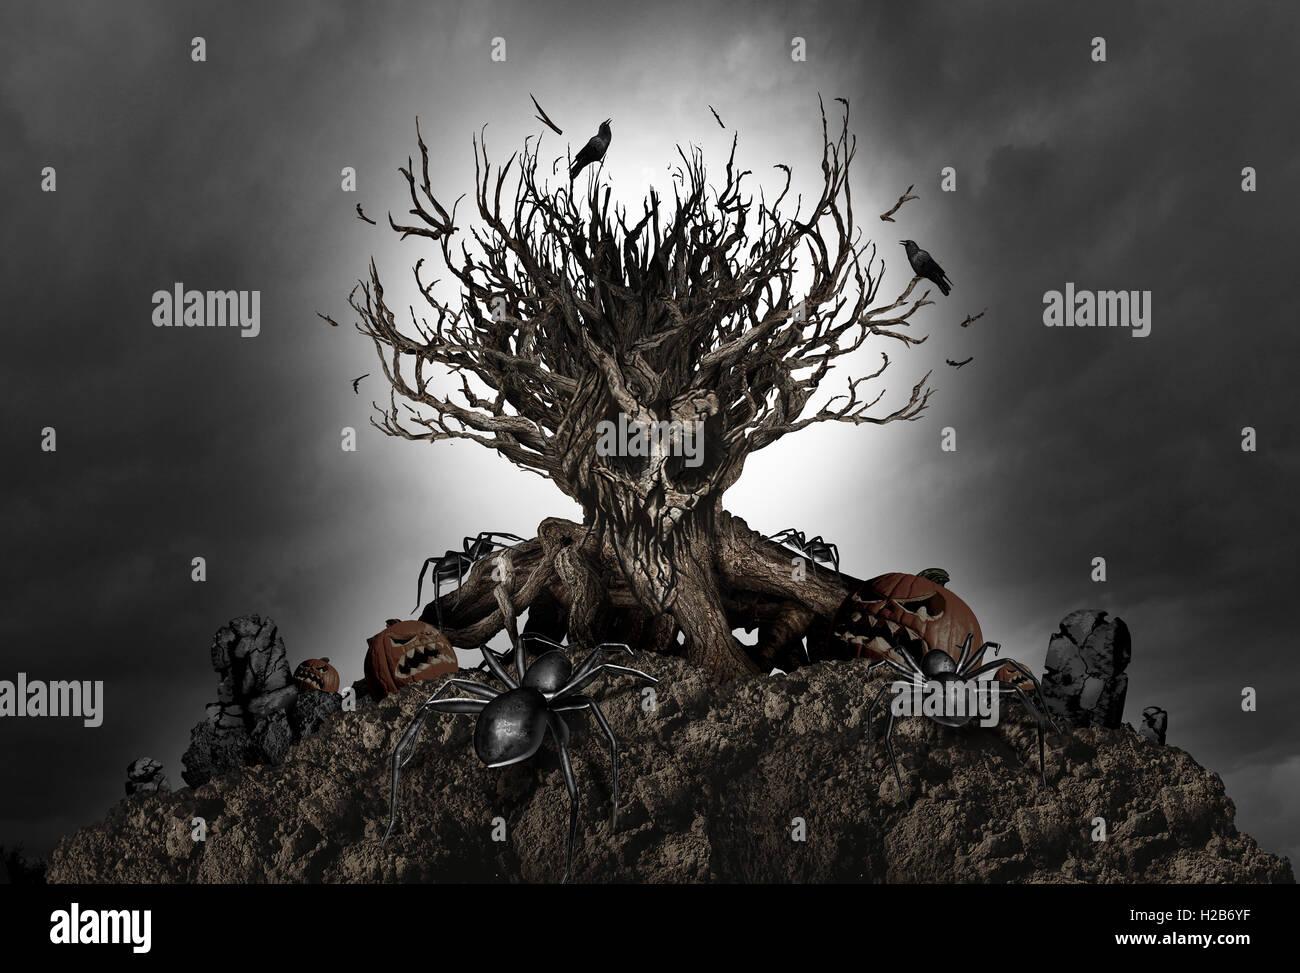 Haunted Halloween creepy tree fond nuit comme une vieille usine de croissance comme un monstre en forme de crâne Photo Stock